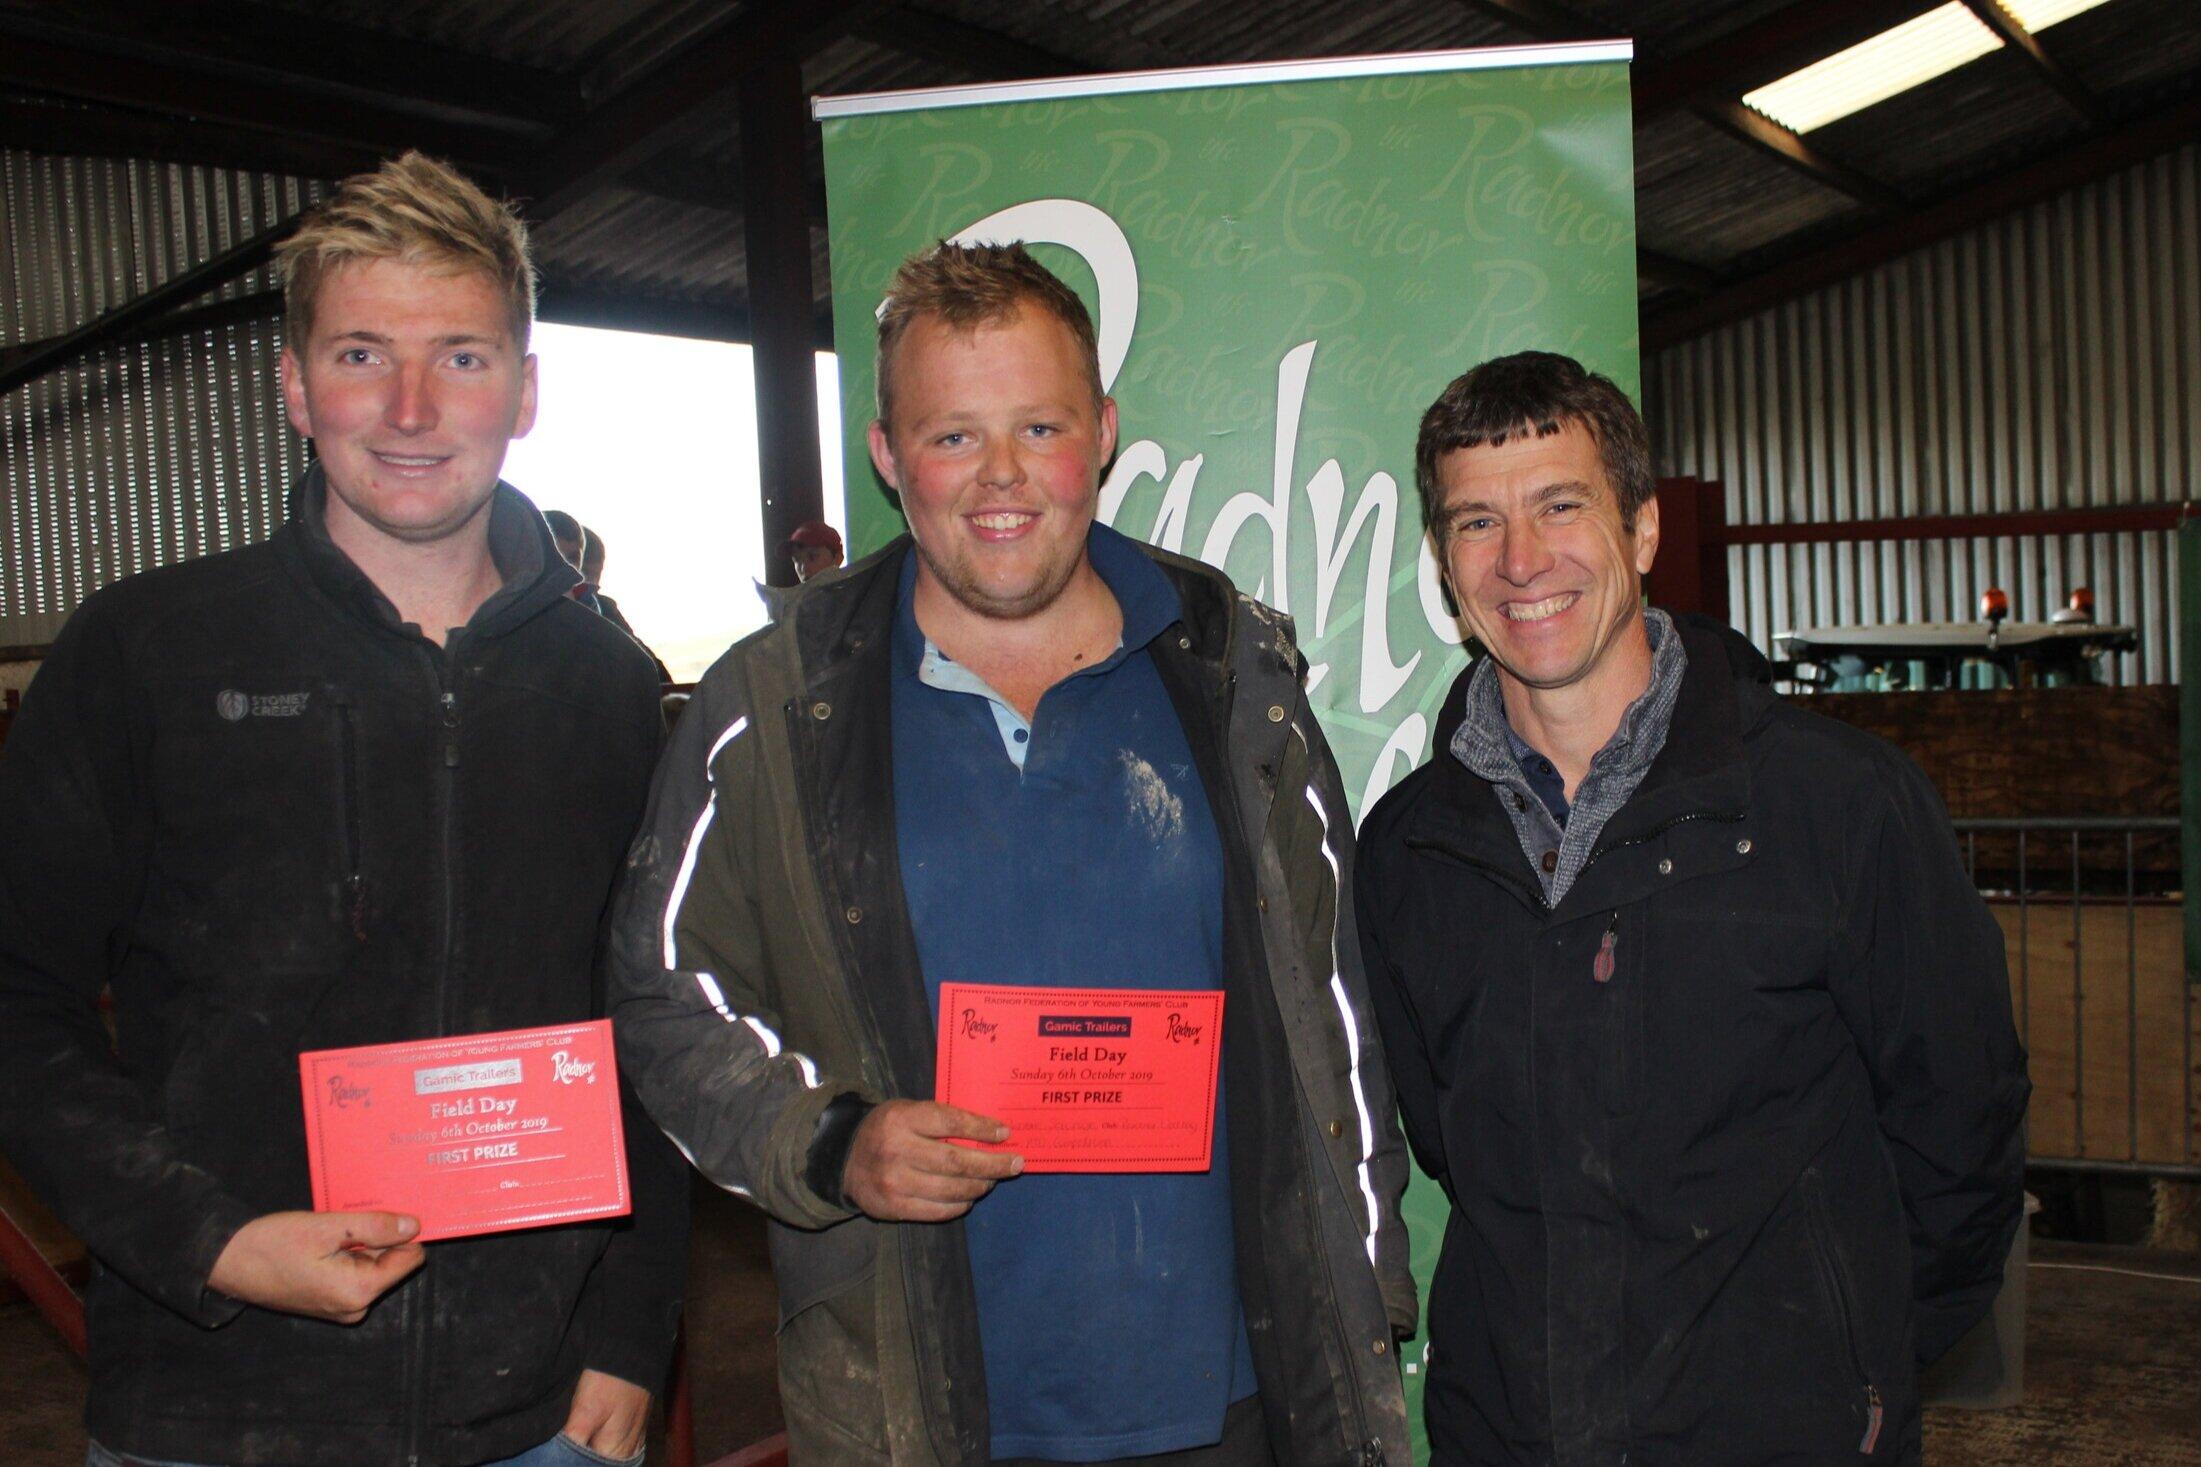 Robbie Savage & Sam Bowen, Radnor Valley YFC - 1st Place in the ATV Challenge with Mark Watson